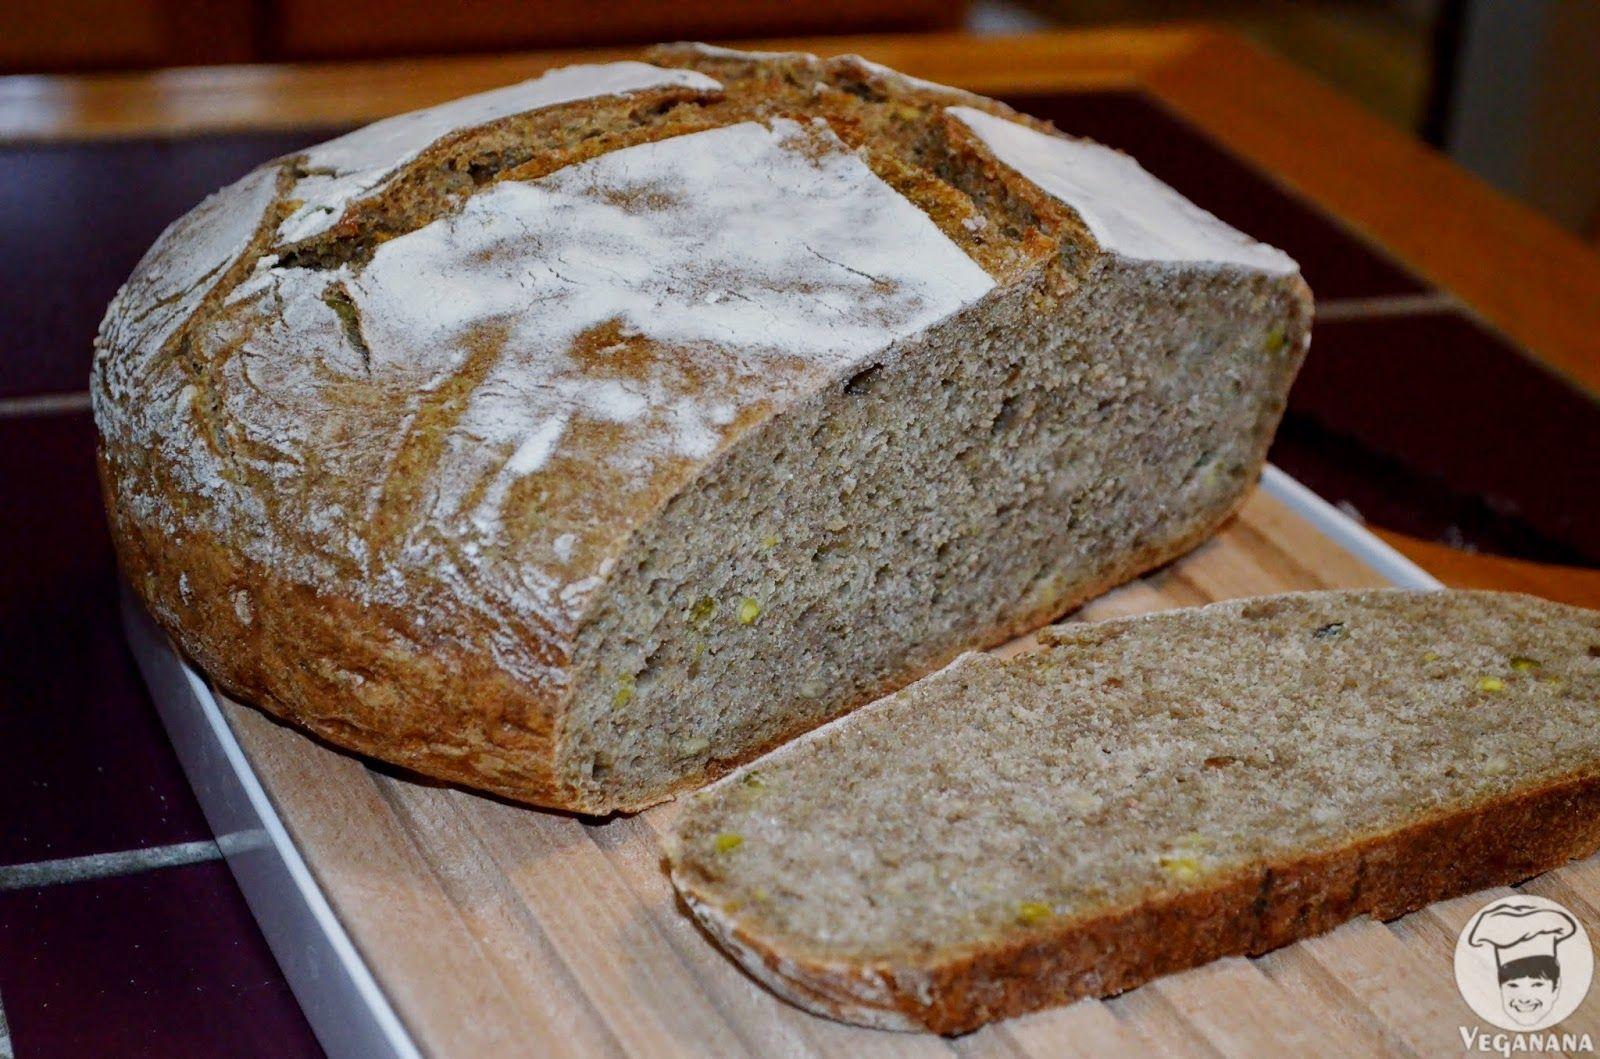 Outra deliciosa versão de pão feito com fermentação lenta. Desta vez eu fiz com a metade de farinha de centeio e metade branca. Depois m...